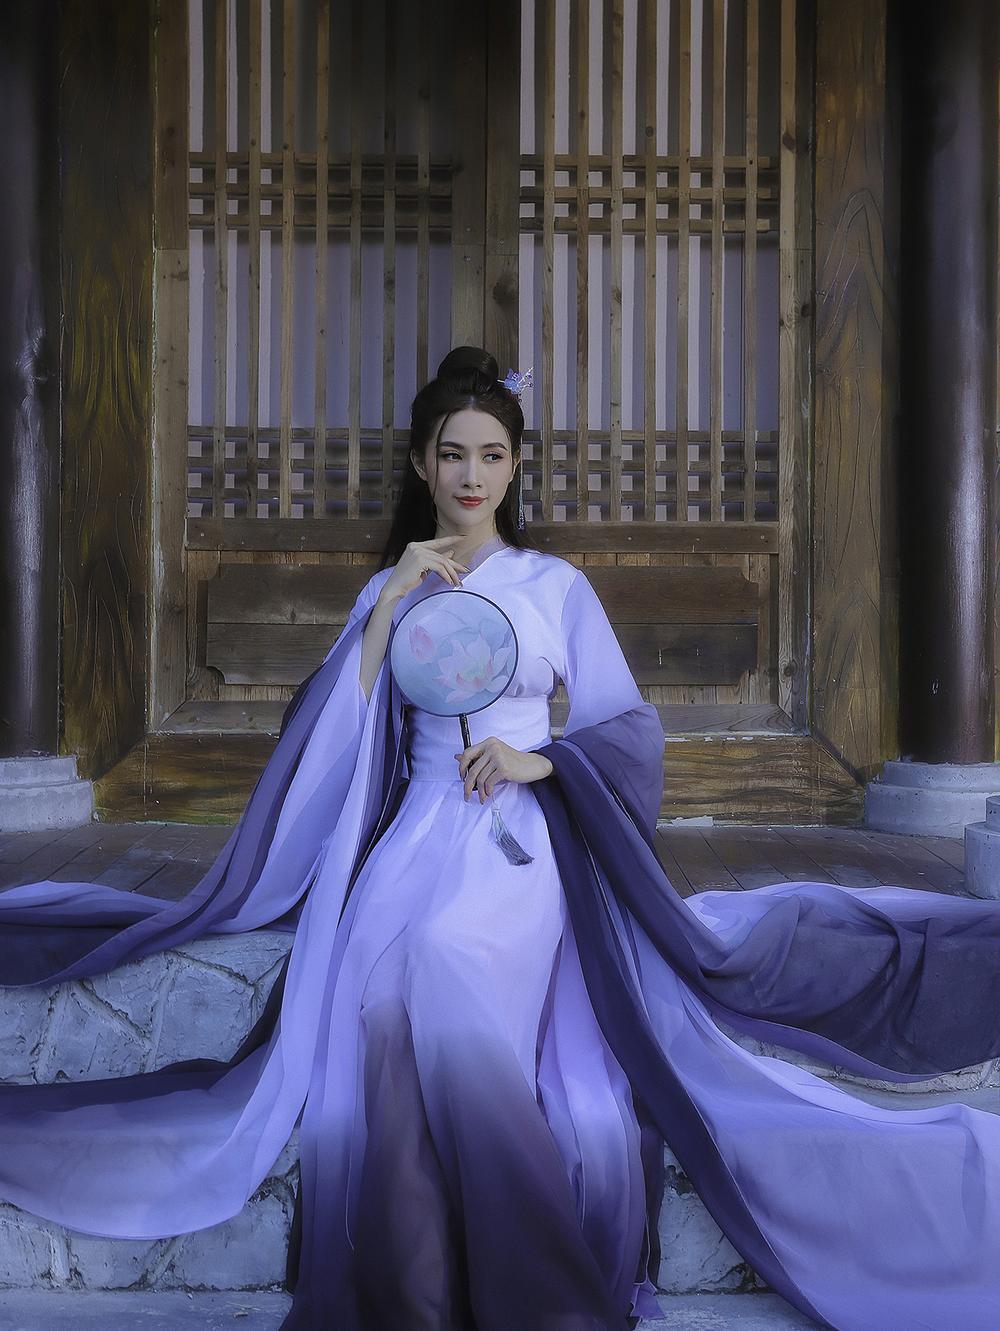 Phan Thị Mơ hóa tiên nữ, hững hờ thềm ngực quyến rũ mê hồn Ảnh 4